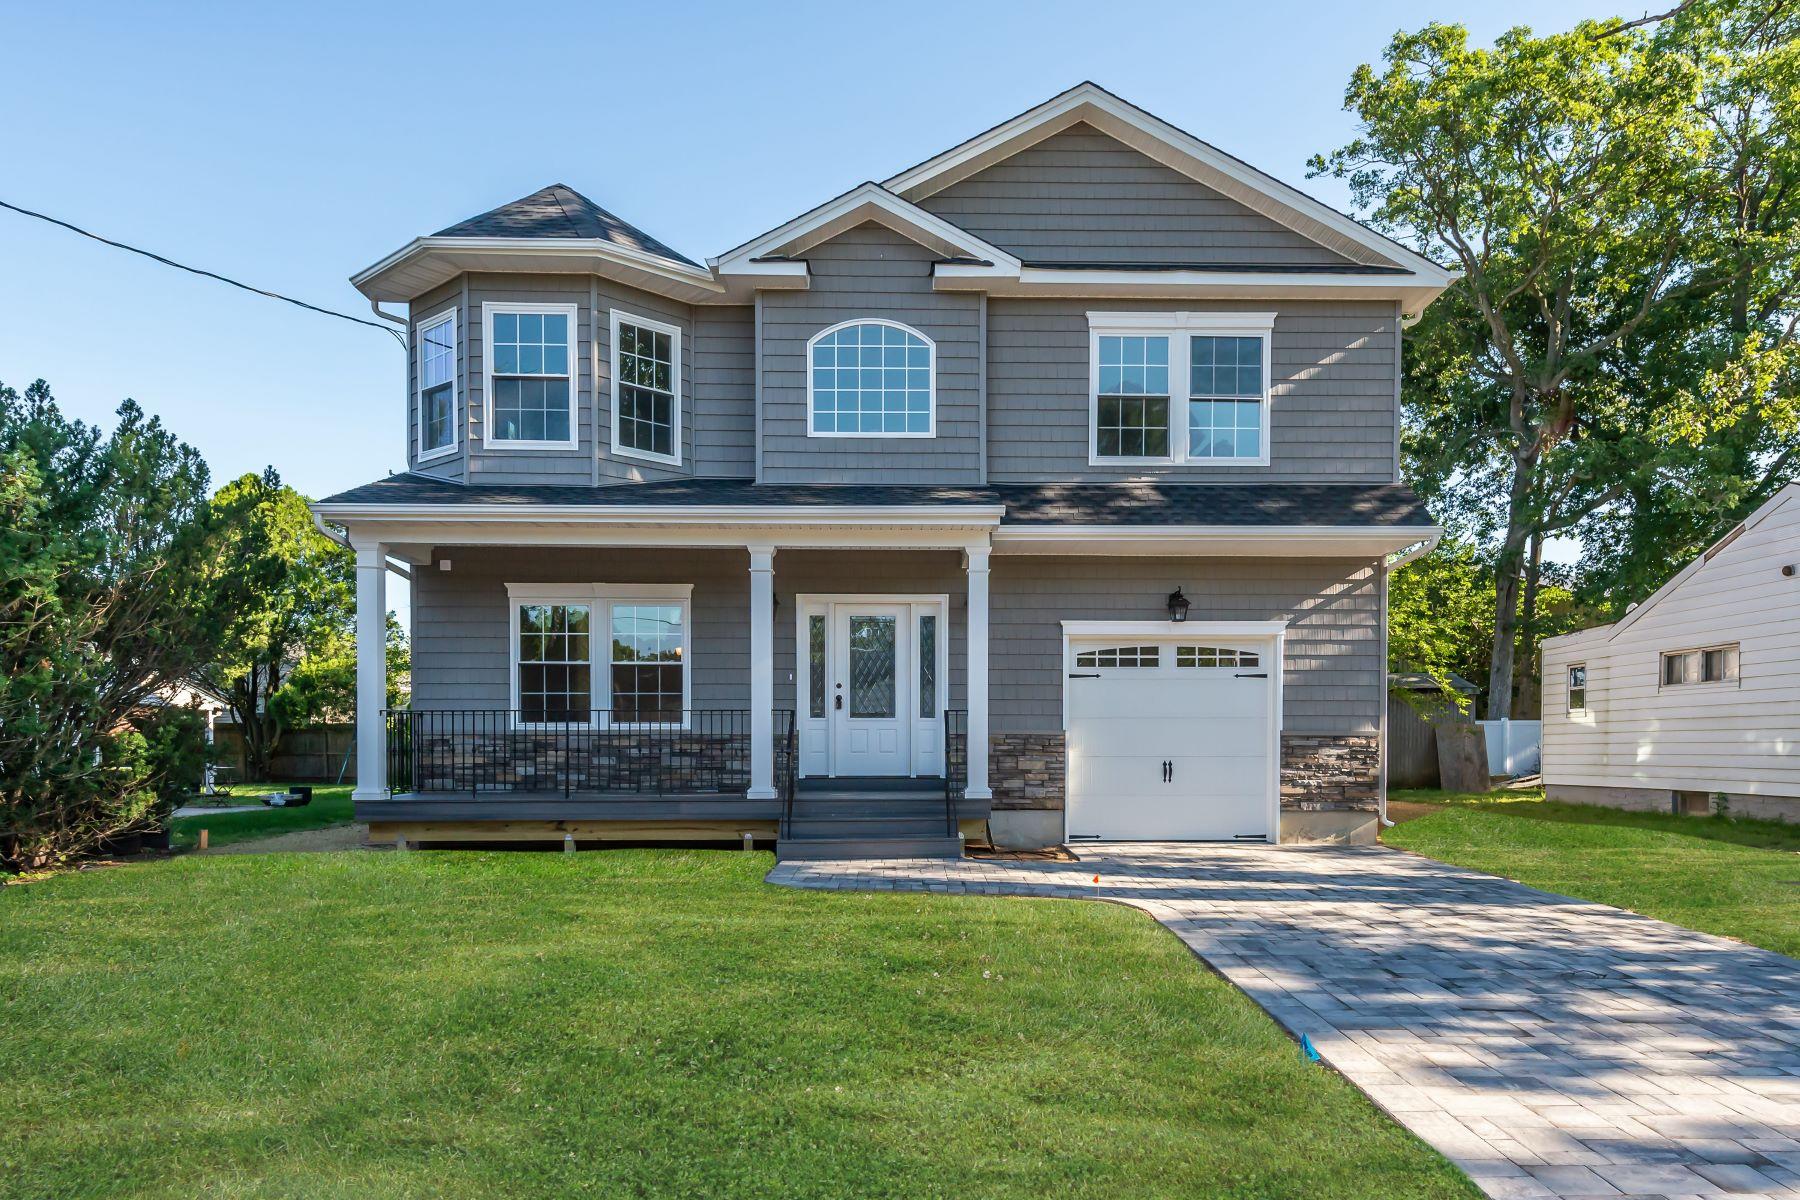 Single Family Homes for Sale at Merrick 1371 Noel Ct Merrick, New York 11566 United States